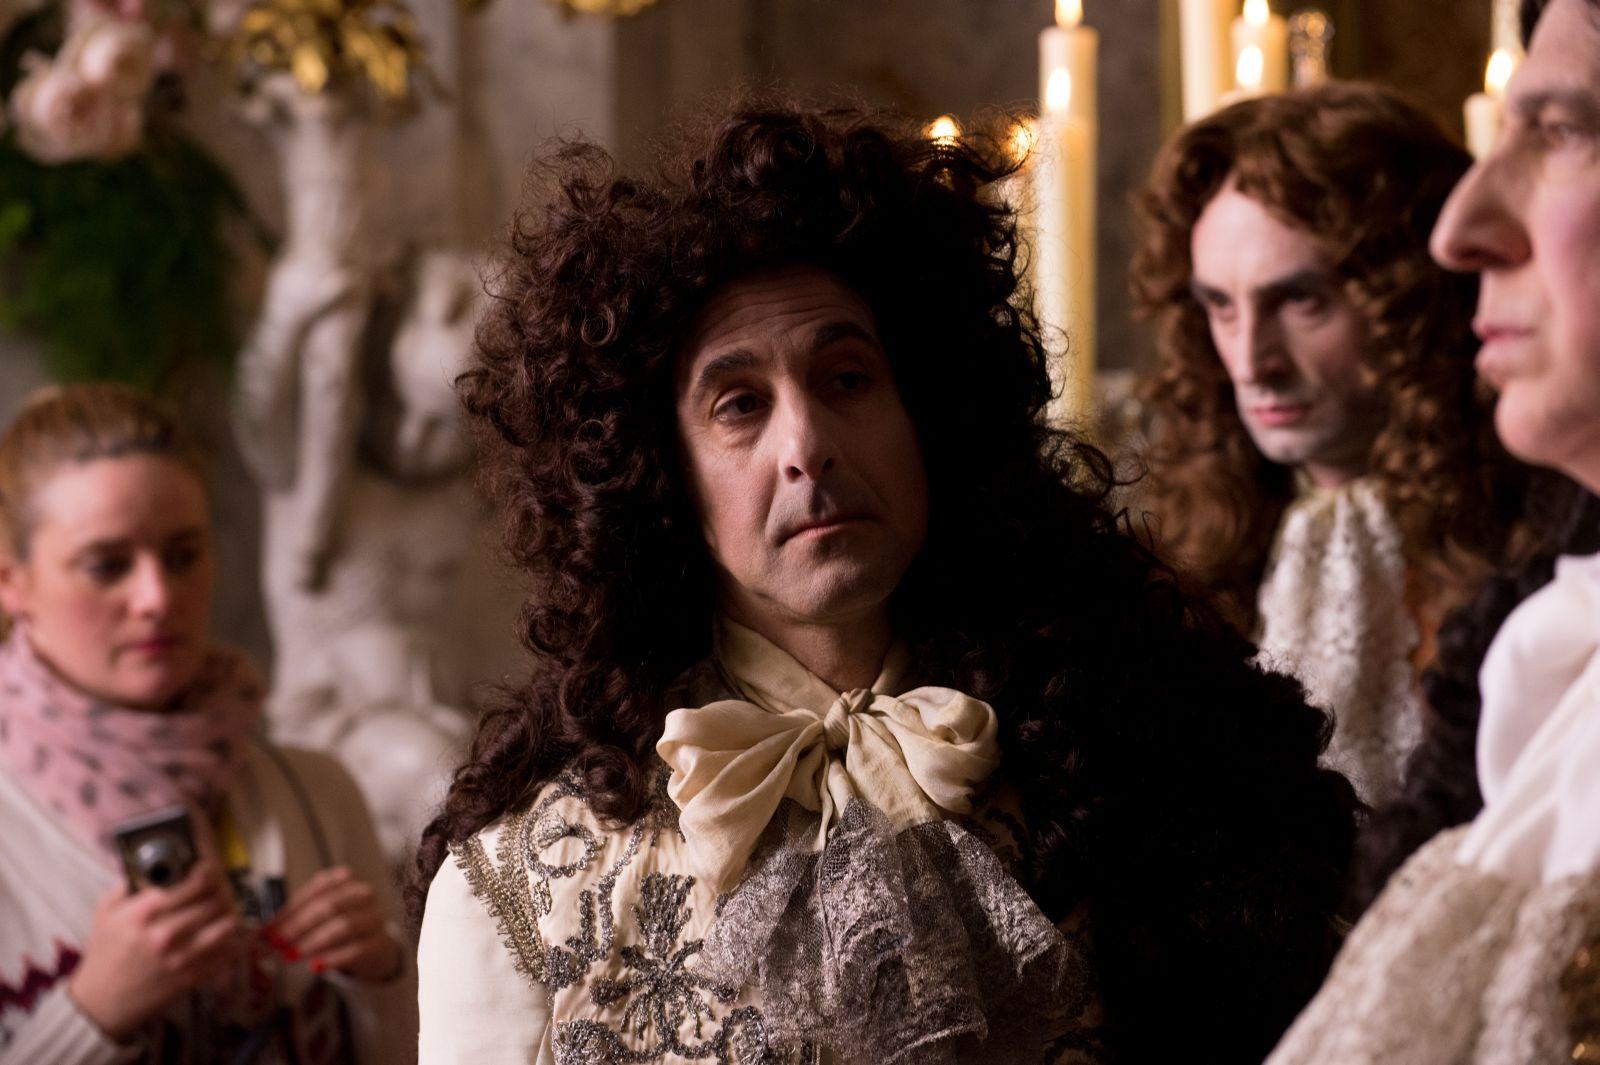 Le Regole del Caos: Stanley Tucci nei panni del Duca D'Orleans in una scena del film